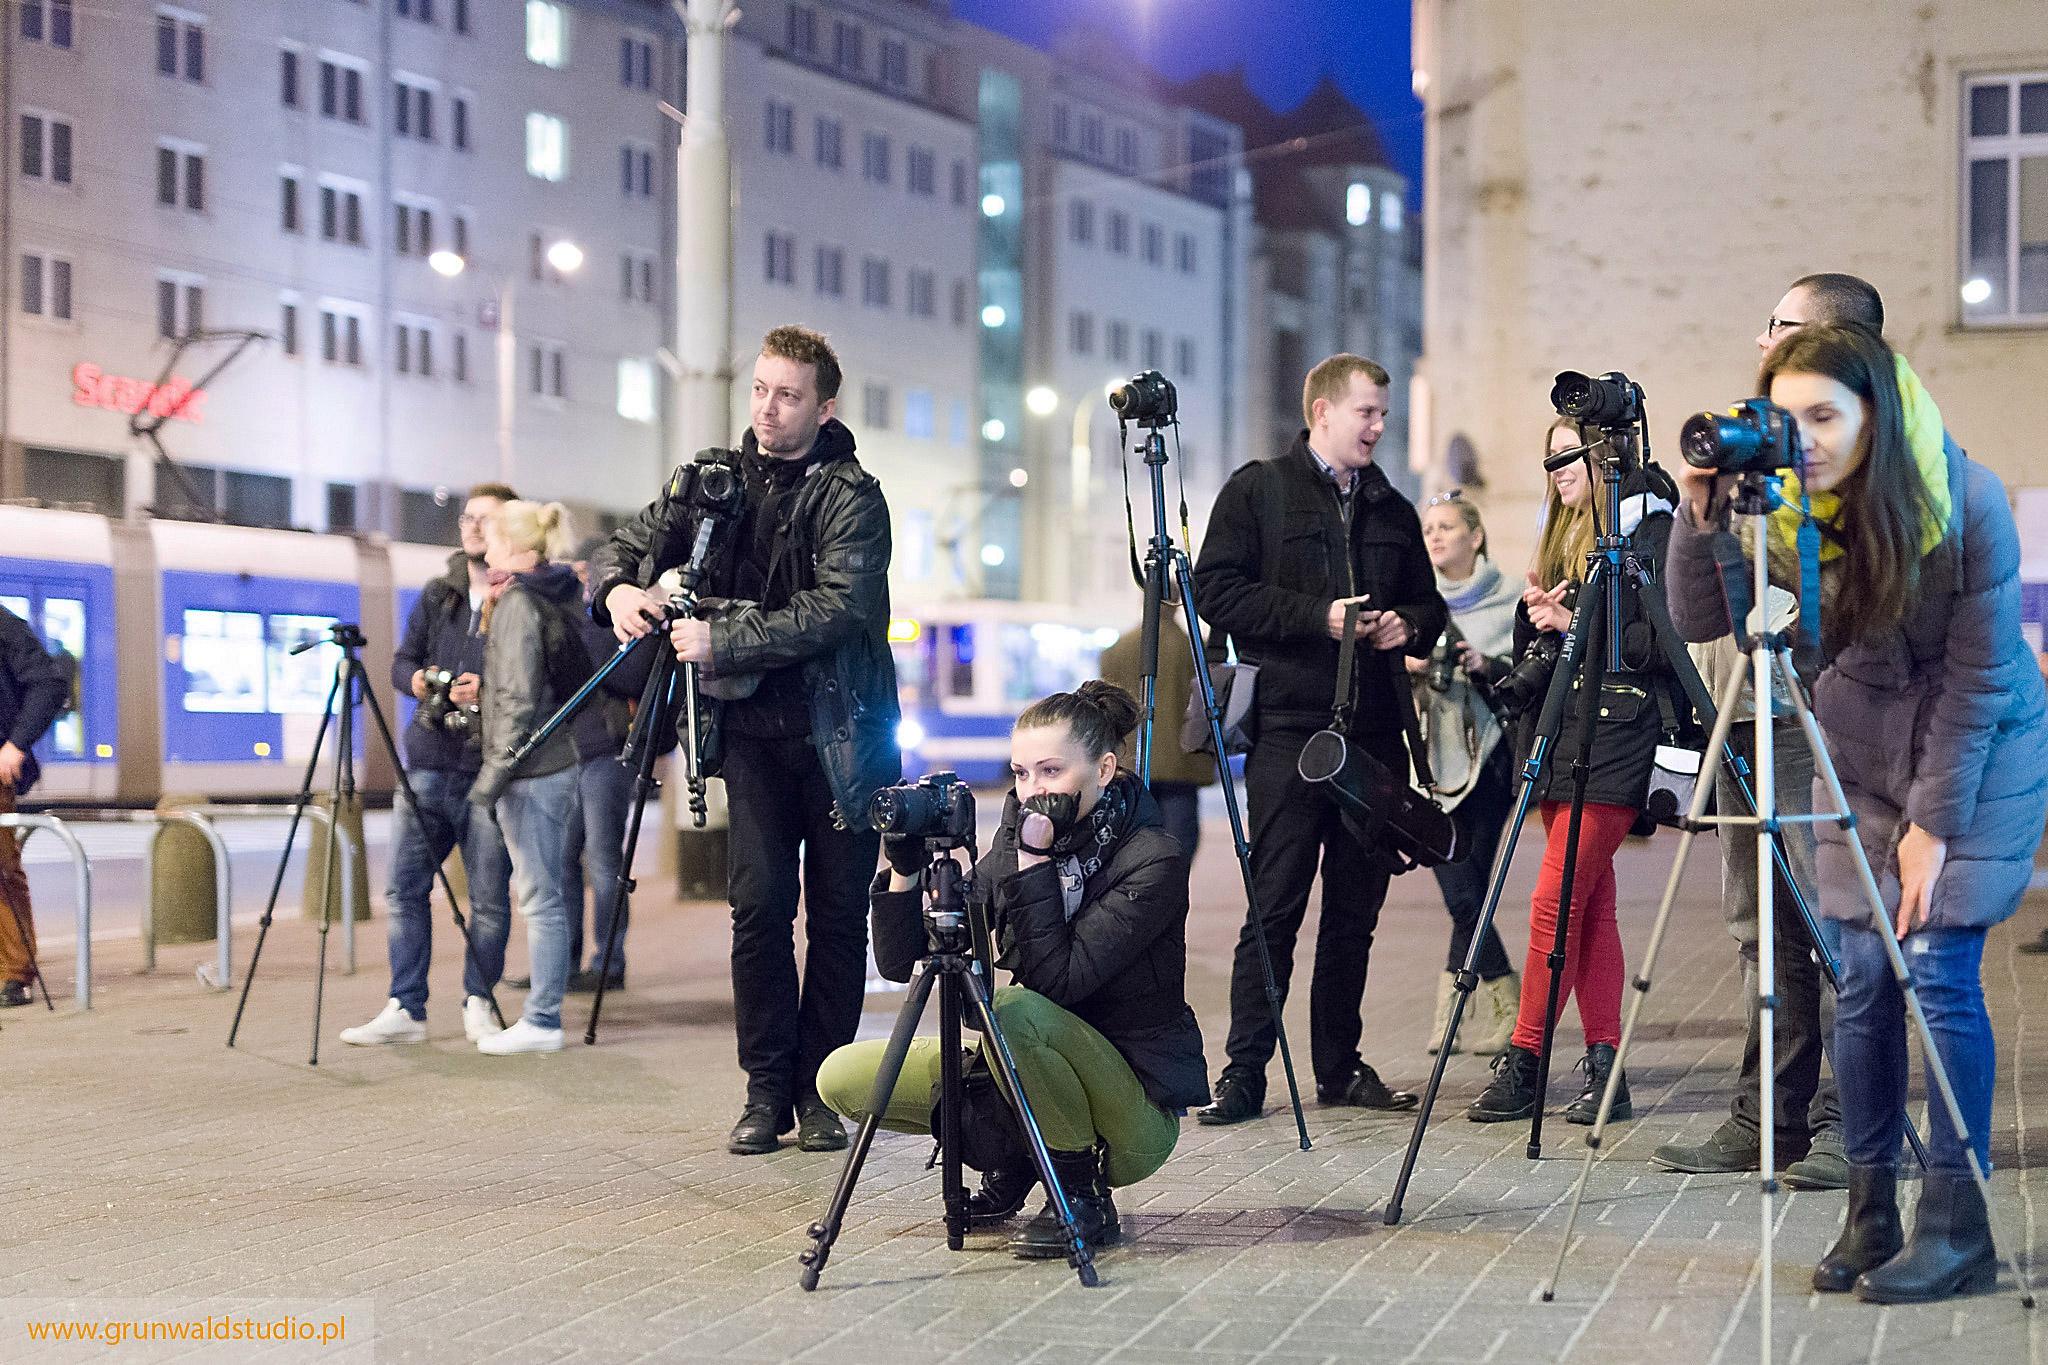 Grunwald-Studio-Kurs-Fotografii-Wrocław-Fotograf-Wrocław-Kursy-fotograficzne-Wrocław-35